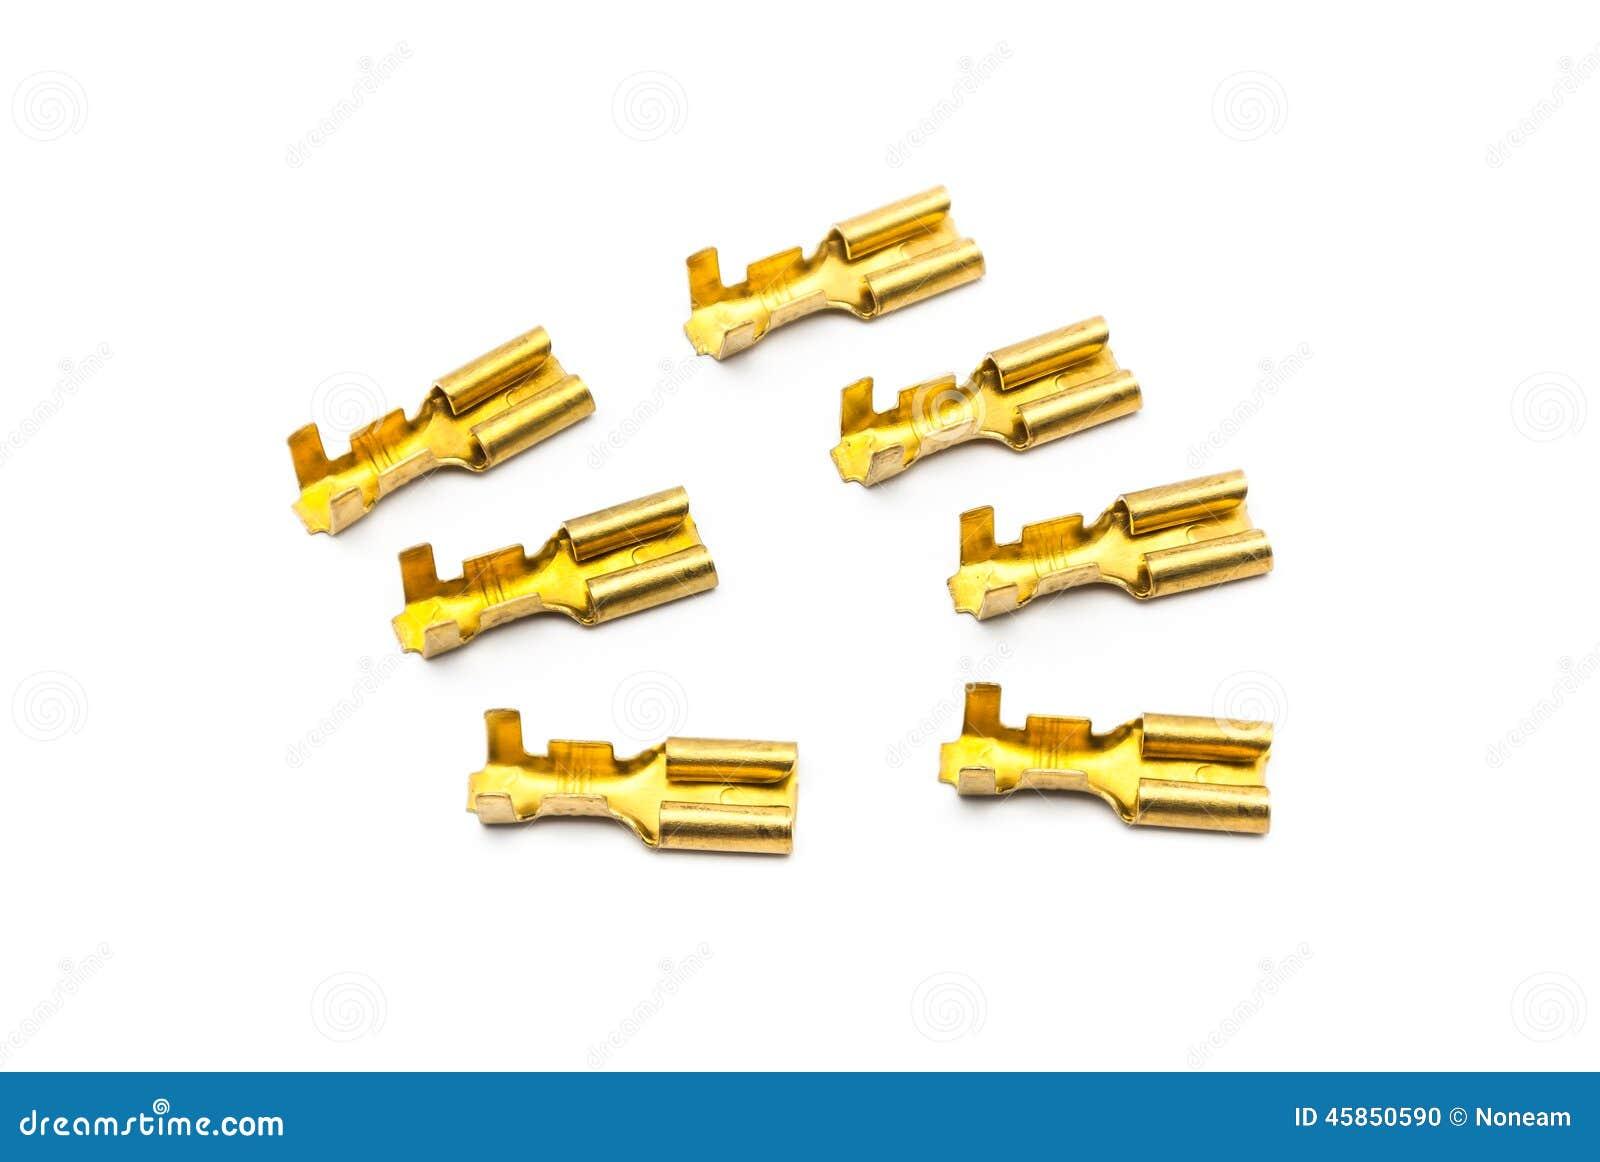 Pile des connecteurs de terminal de cuir embouti d or